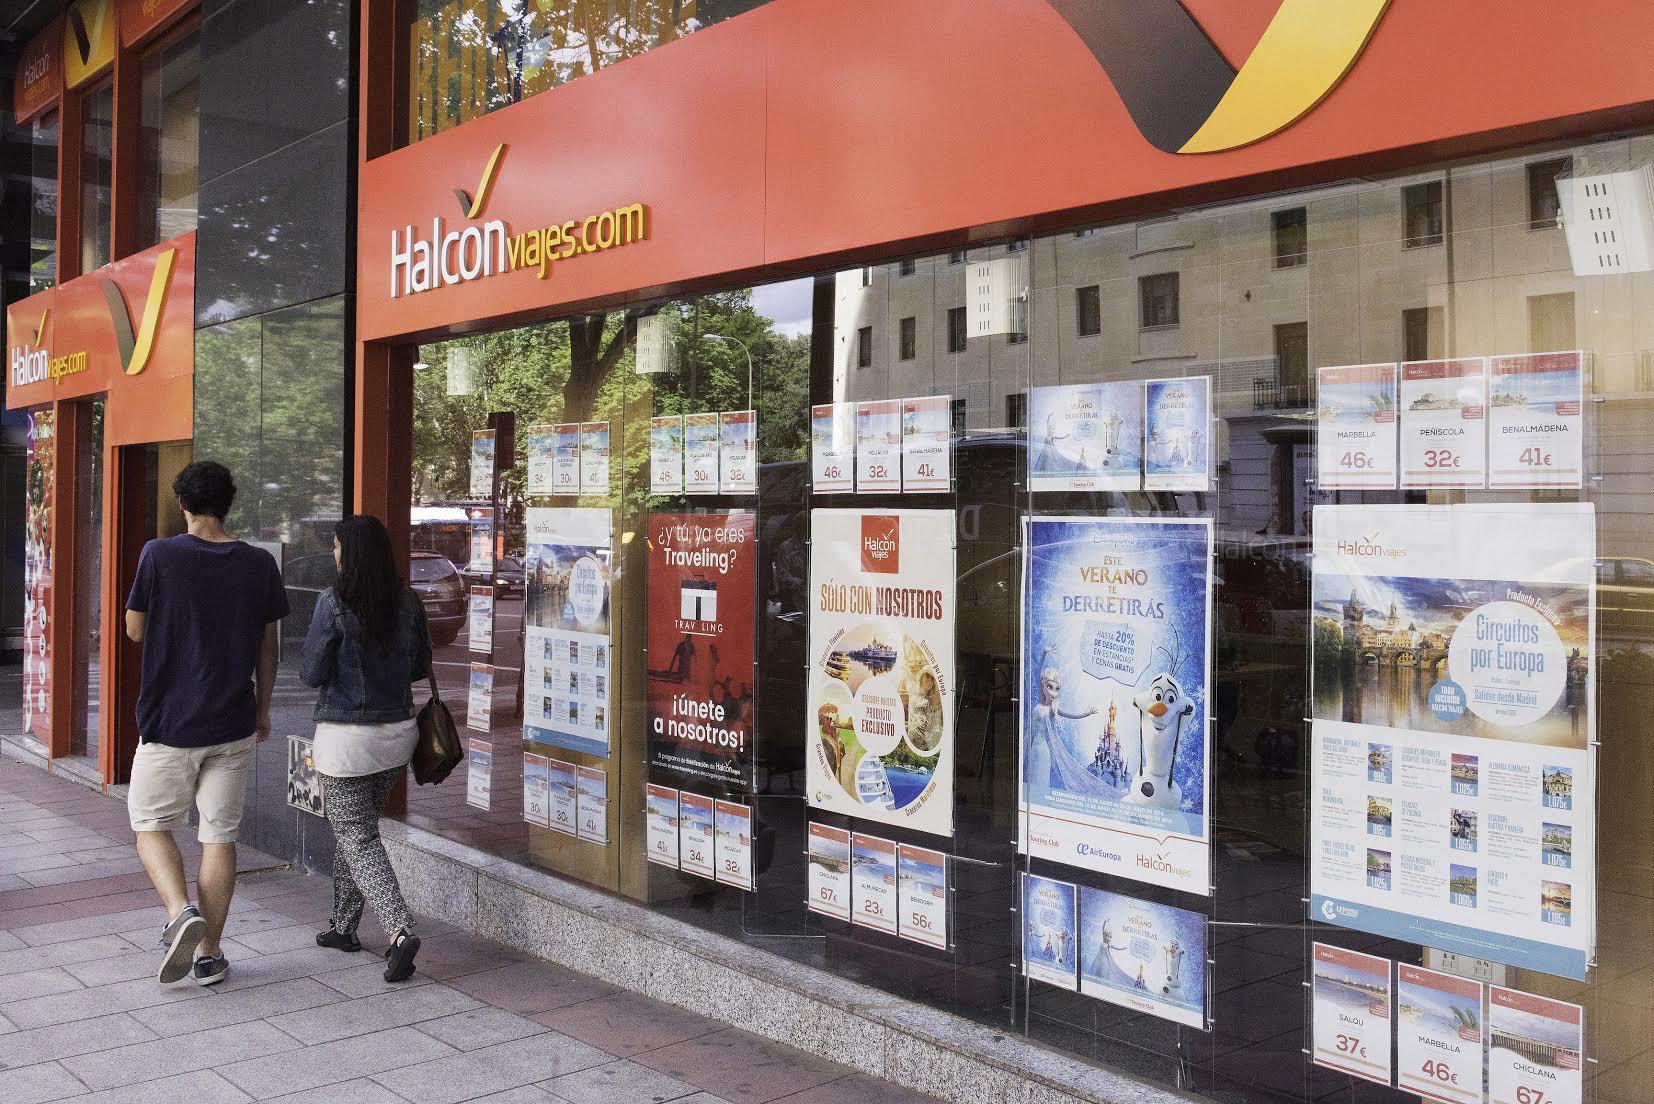 Oficina de Halcón Viajes.Calle Princesa, Madrid.